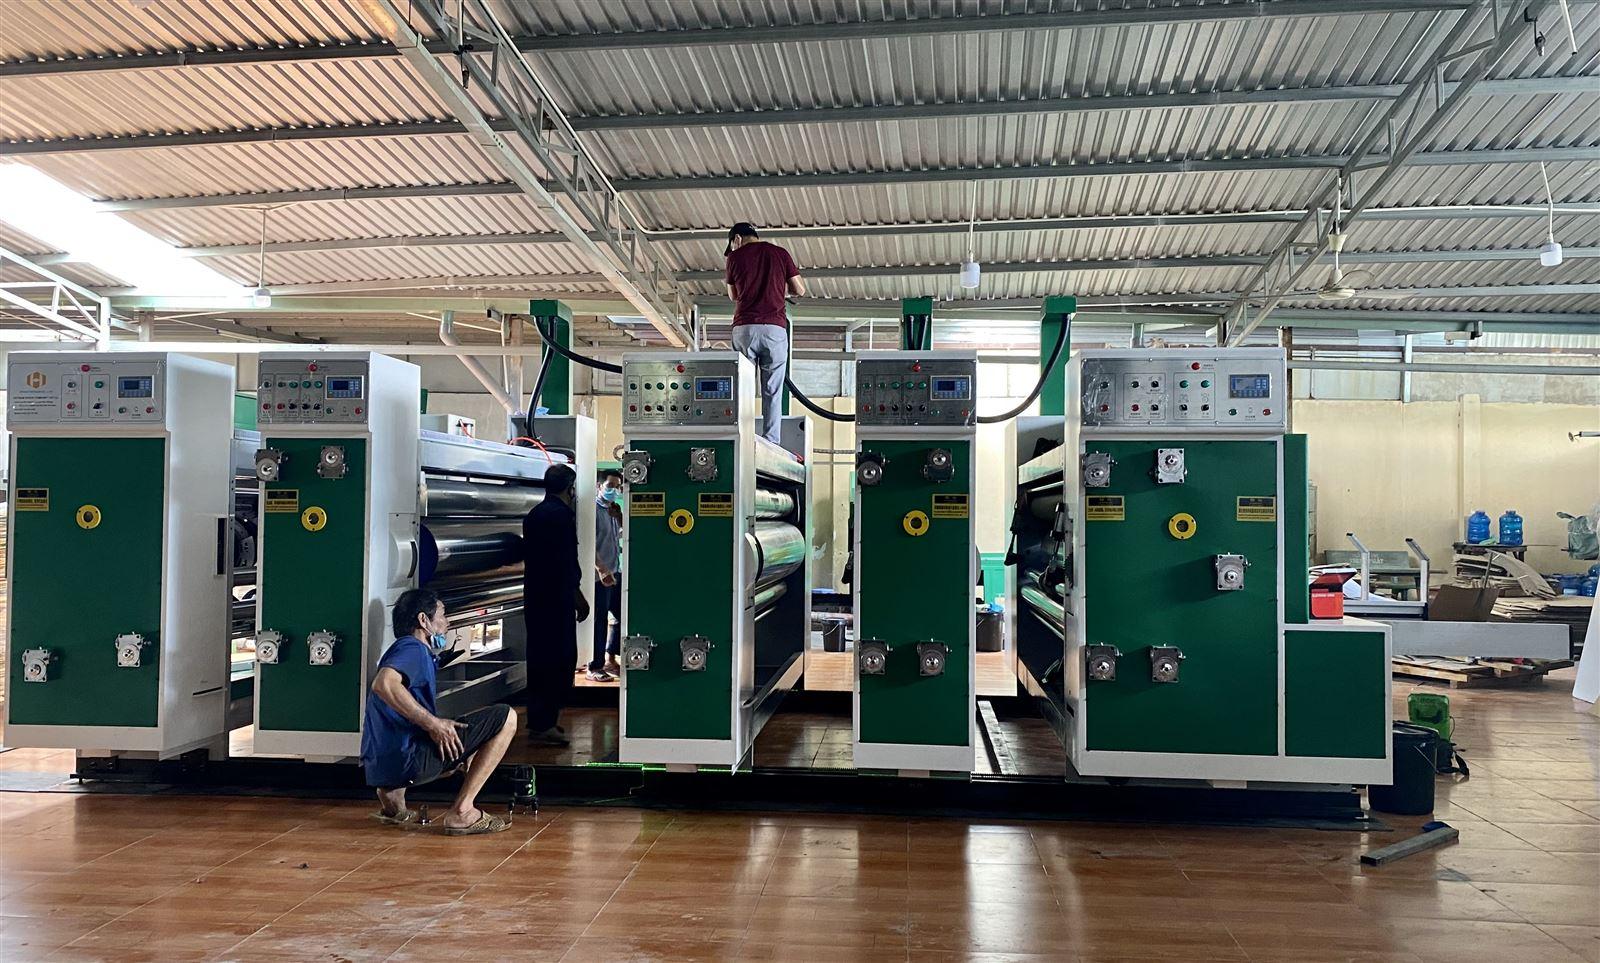 Lắp đặt máy in Flexo tự động 4 màu XY-B 1226 - 120pcs/ min cho khách hàng tại TPHCM